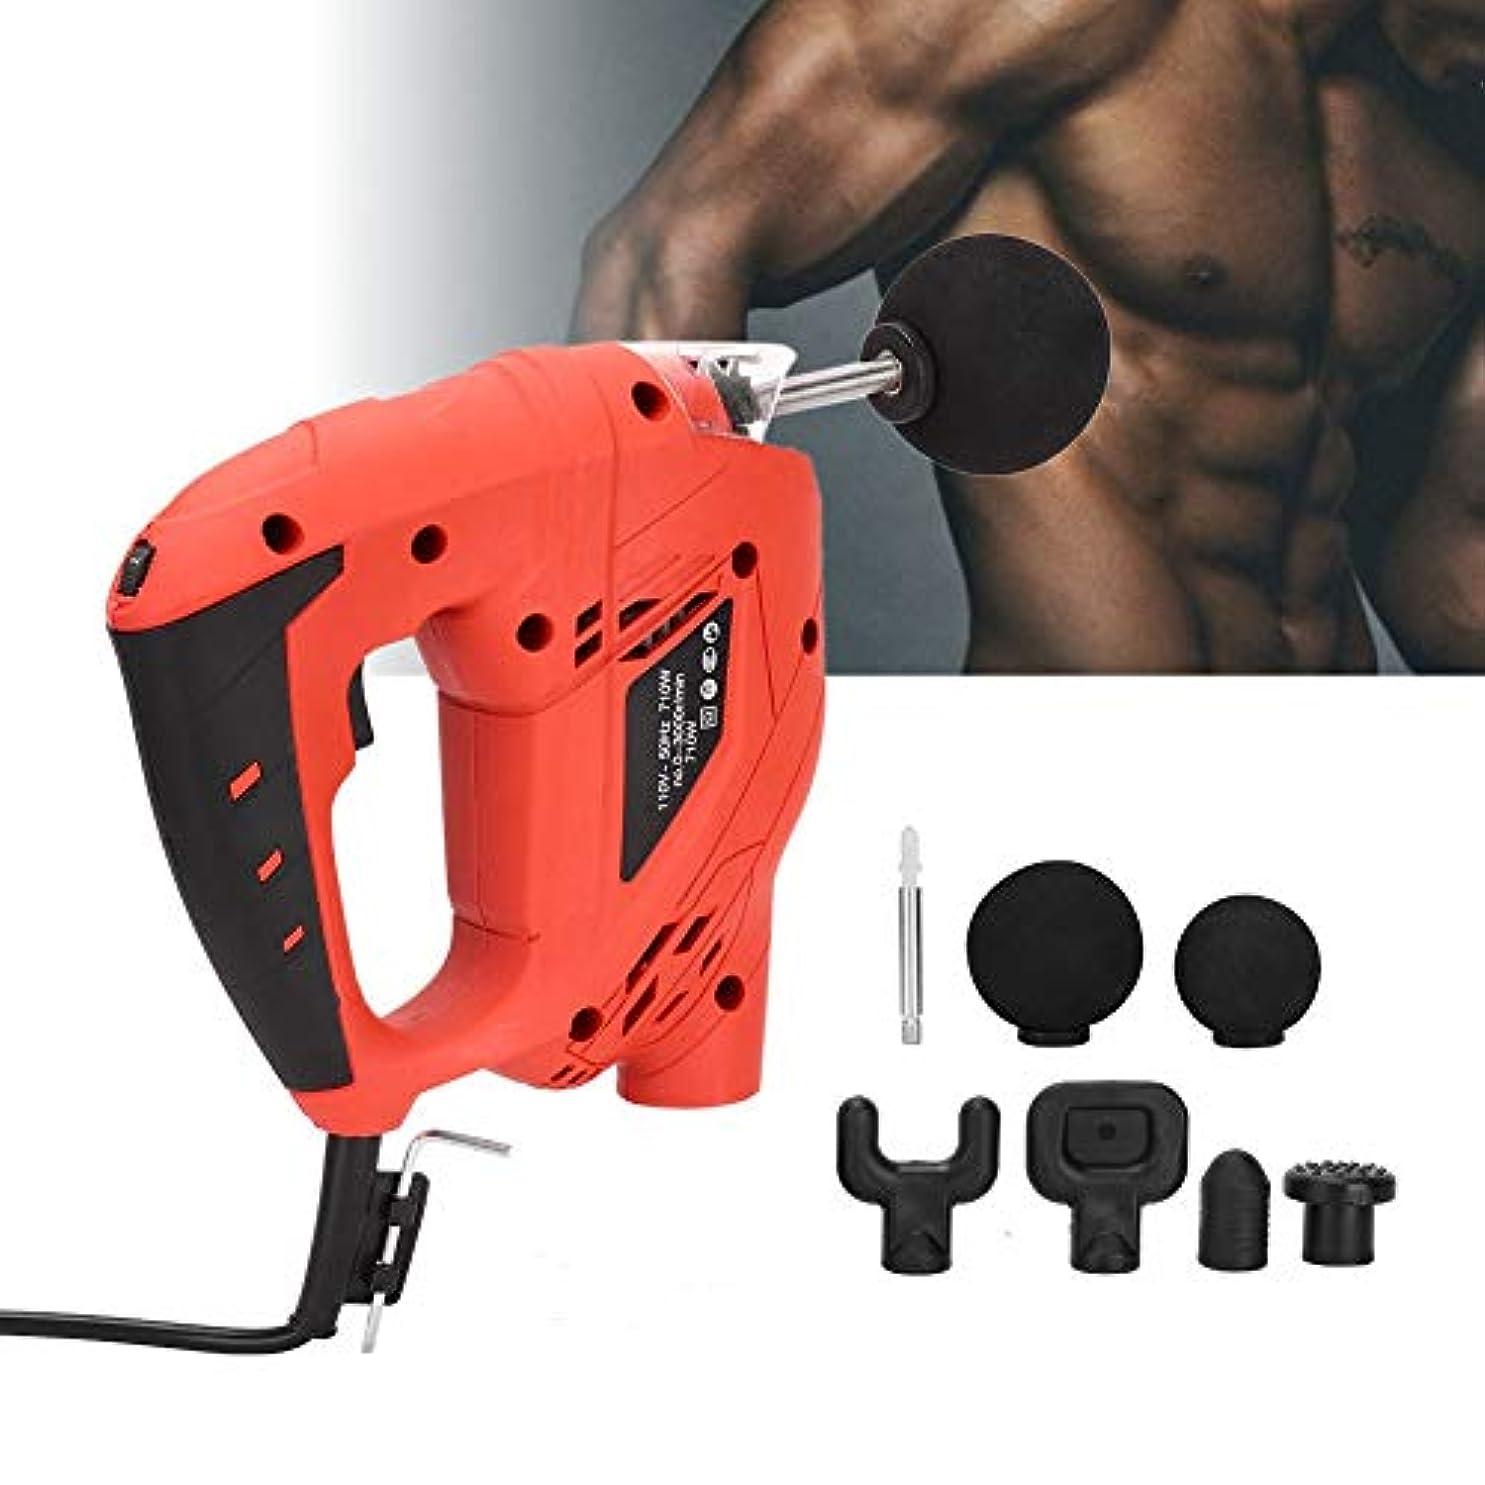 想起視聴者バレル筋肉マッサージ銃、調整可能な速度を備えたプロのハンドヘルド振動マッサージ装置、電動フルボディ筋肉マッサージ機器(US)